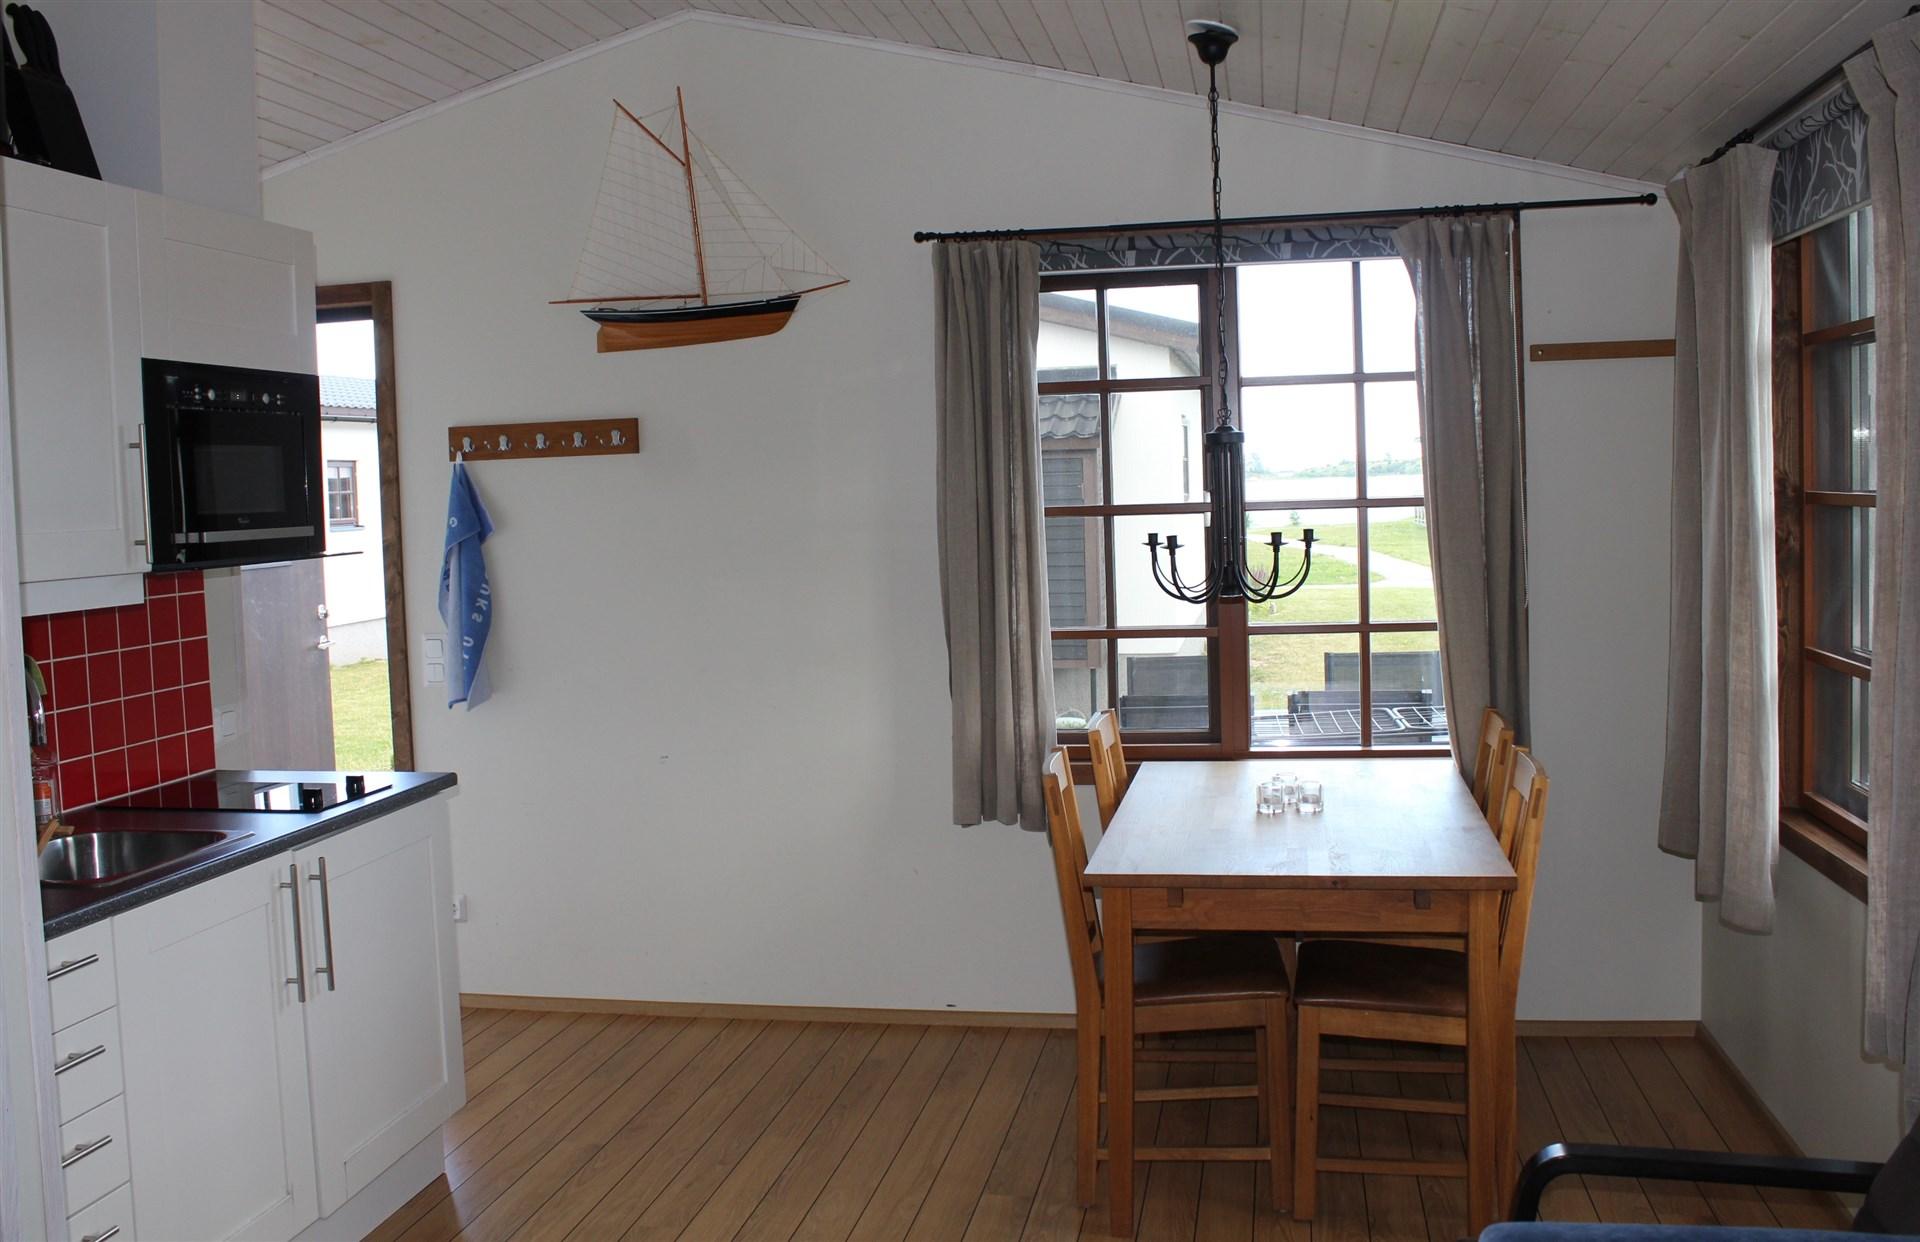 Storstuga med kök och matplats samt vy från fönster